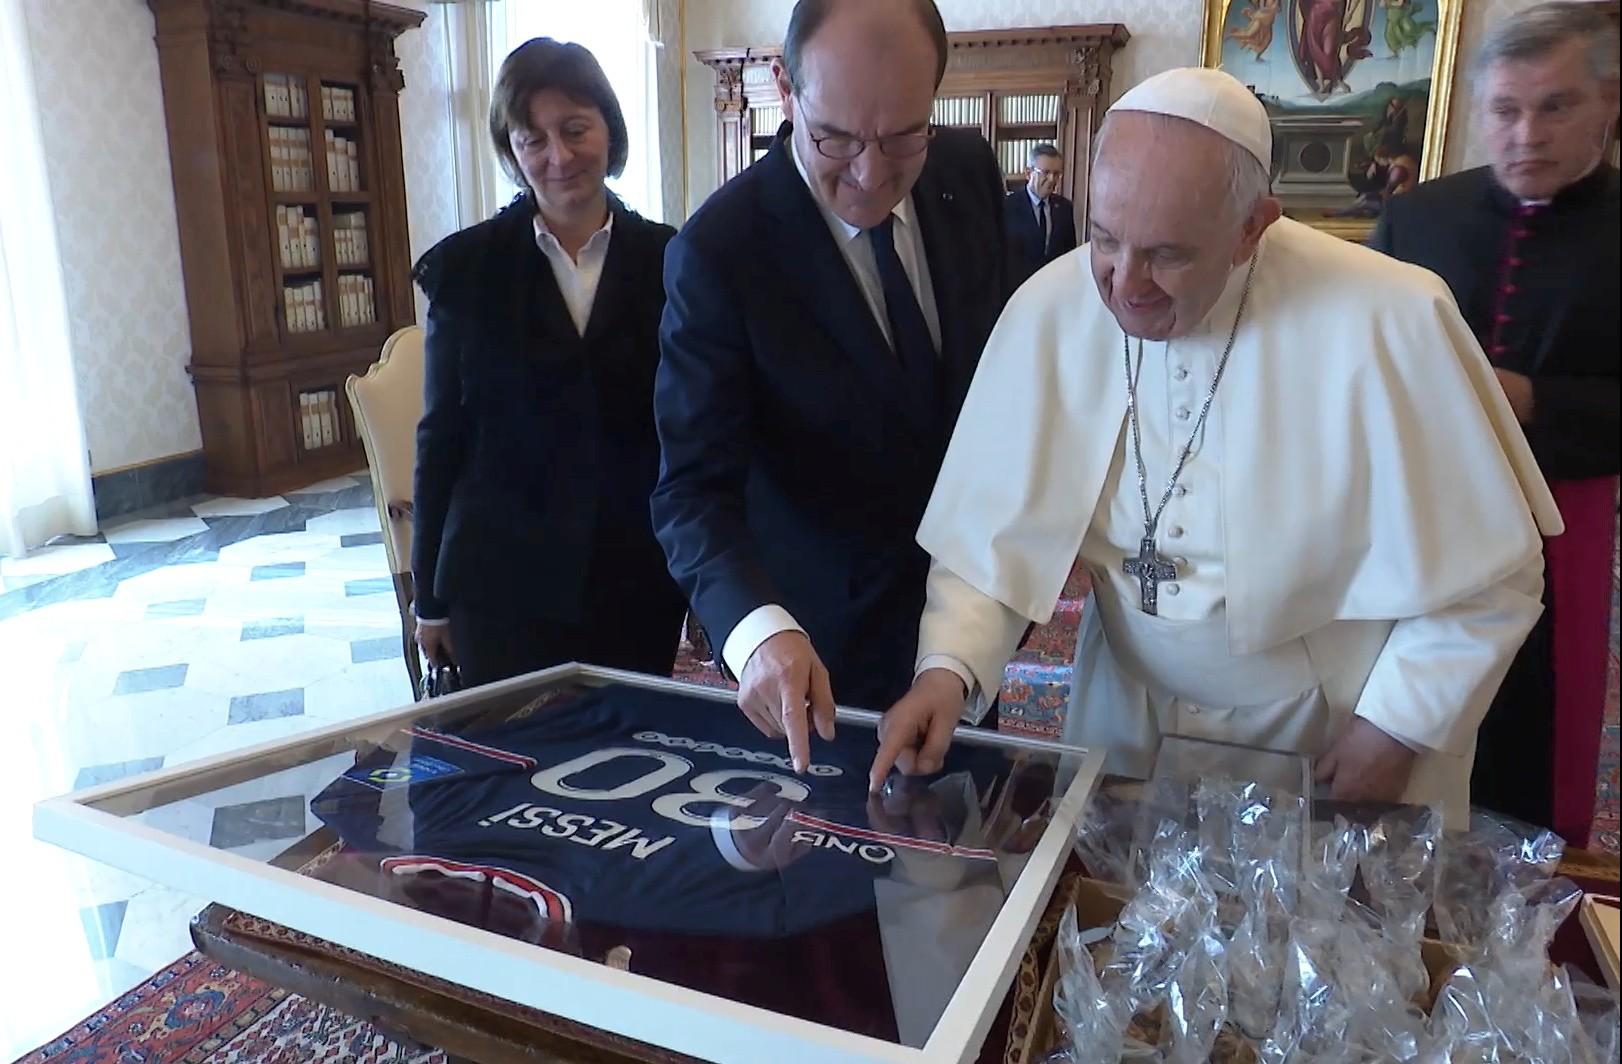 البابا فرنسيس ورئيس وزراء فرنسا